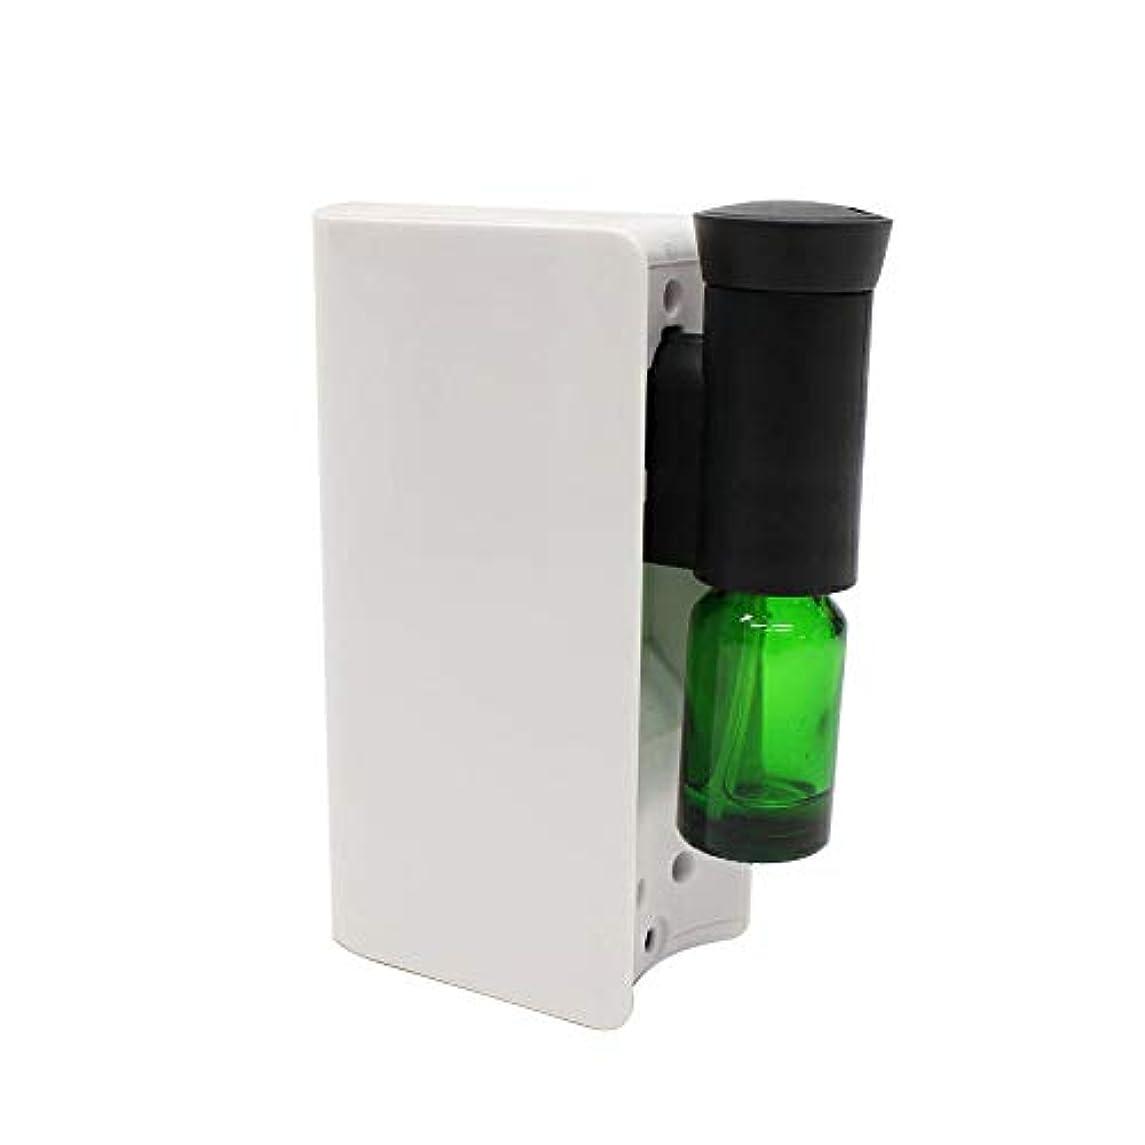 疑問を超えて達成するグリットアロマ ディフューザー 電池式アロマディフューザー 水を使わない ネブライザー式 アロマオイル対応 自動停止 ECOモード搭載 香り 癒し シンプル コンパクト ホワイト